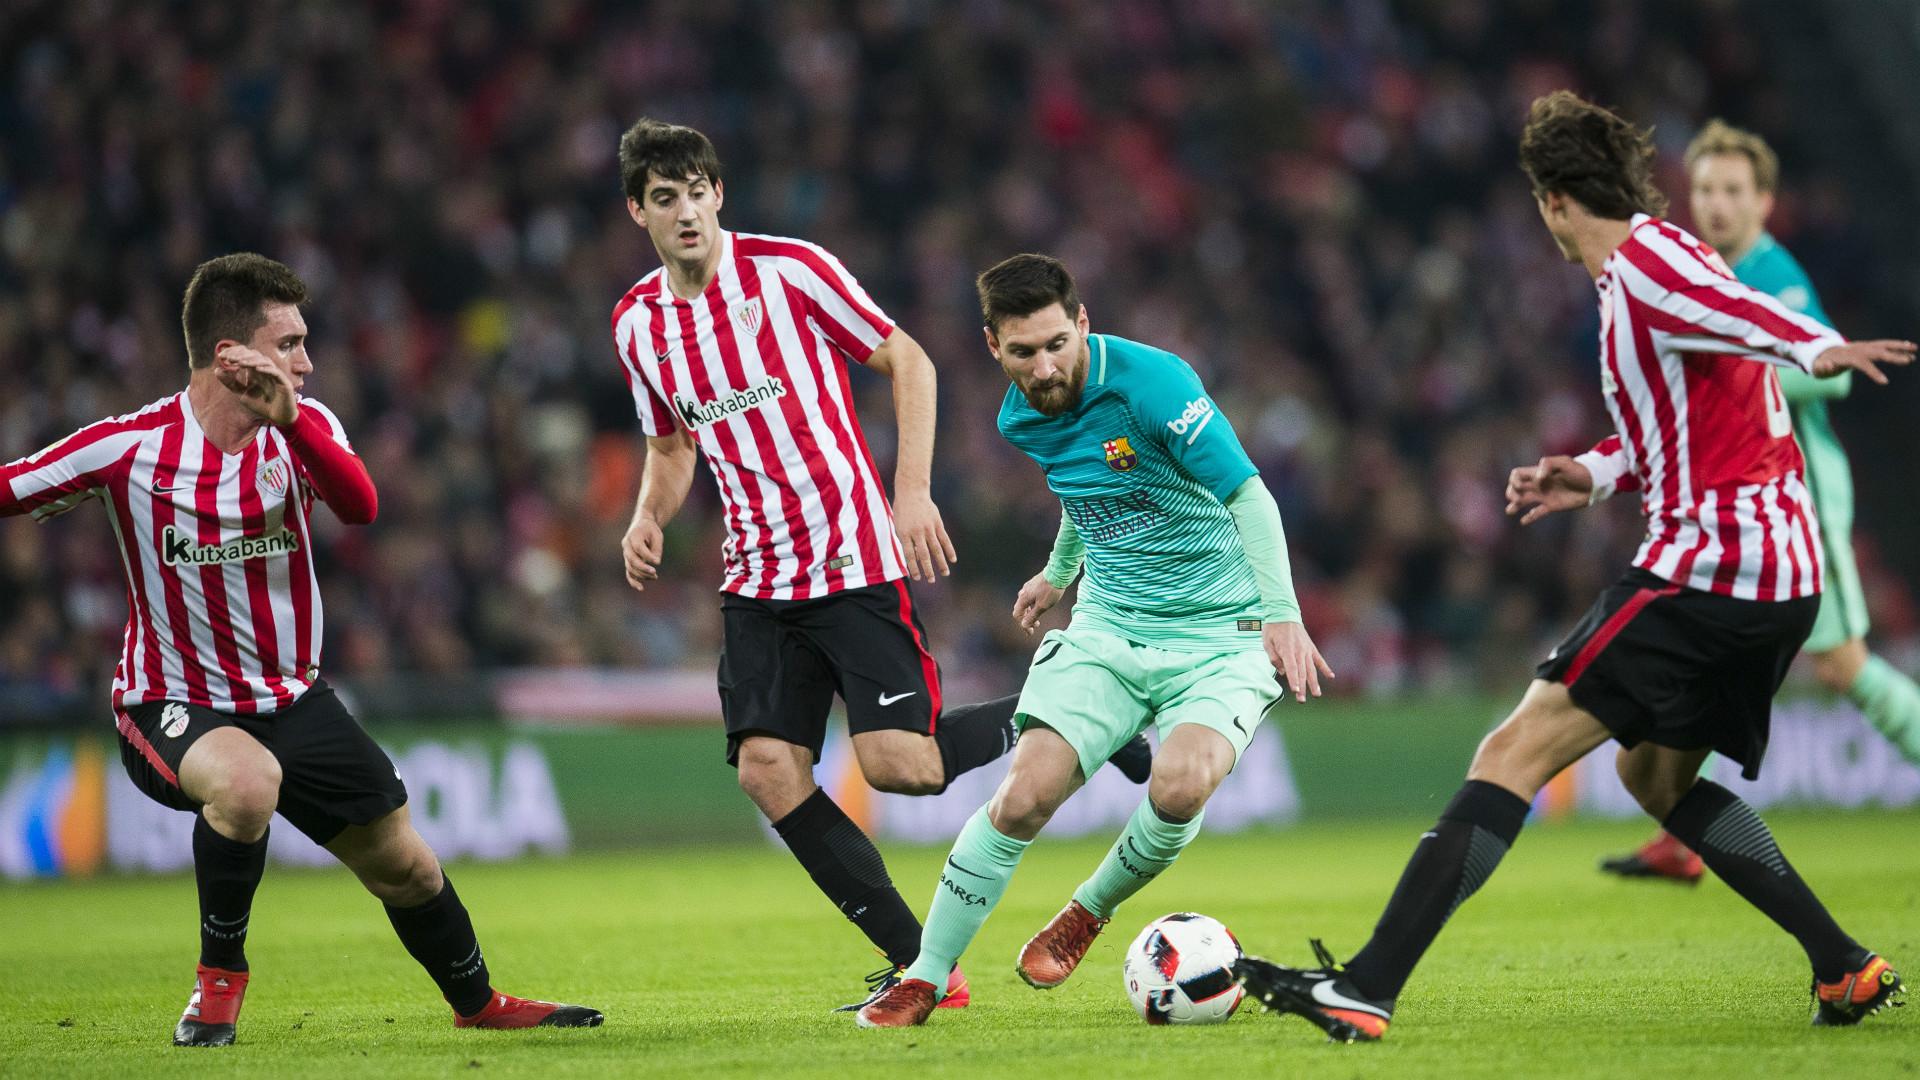 Картинки по запросу Messi vs Iraizoz